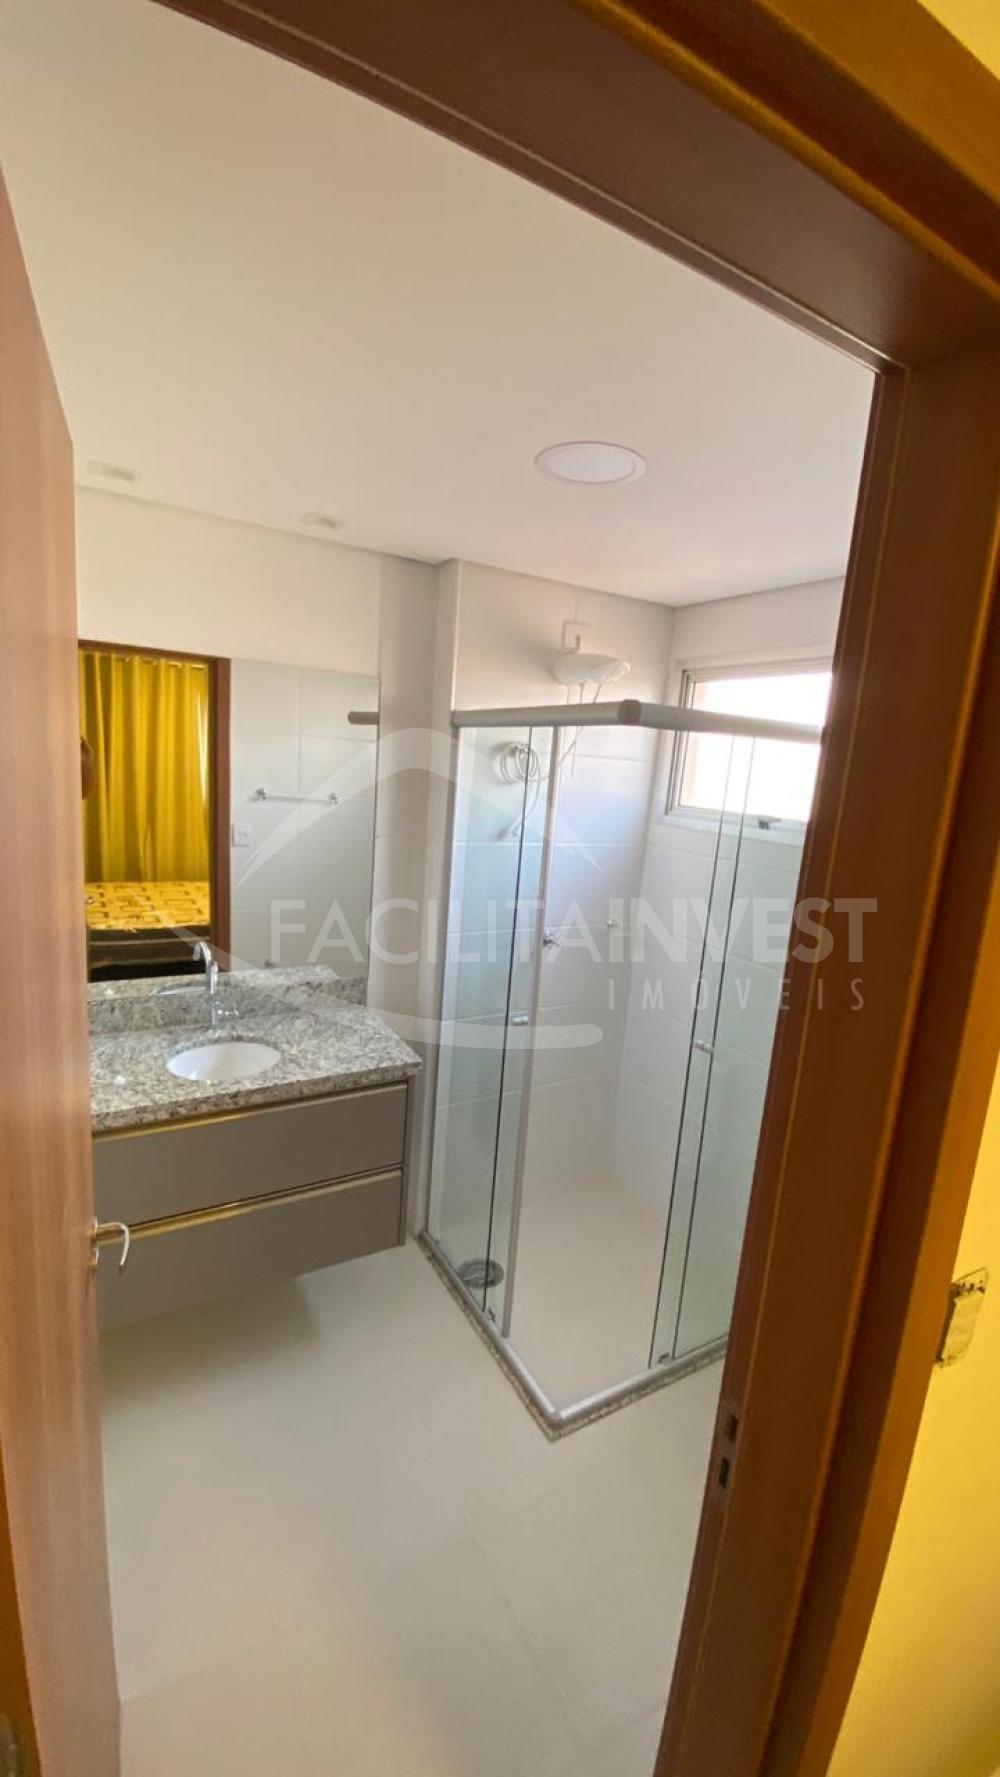 Alugar Apartamentos / Apartamento/ Flat Mobiliado em Ribeirão Preto apenas R$ 1.600,00 - Foto 6